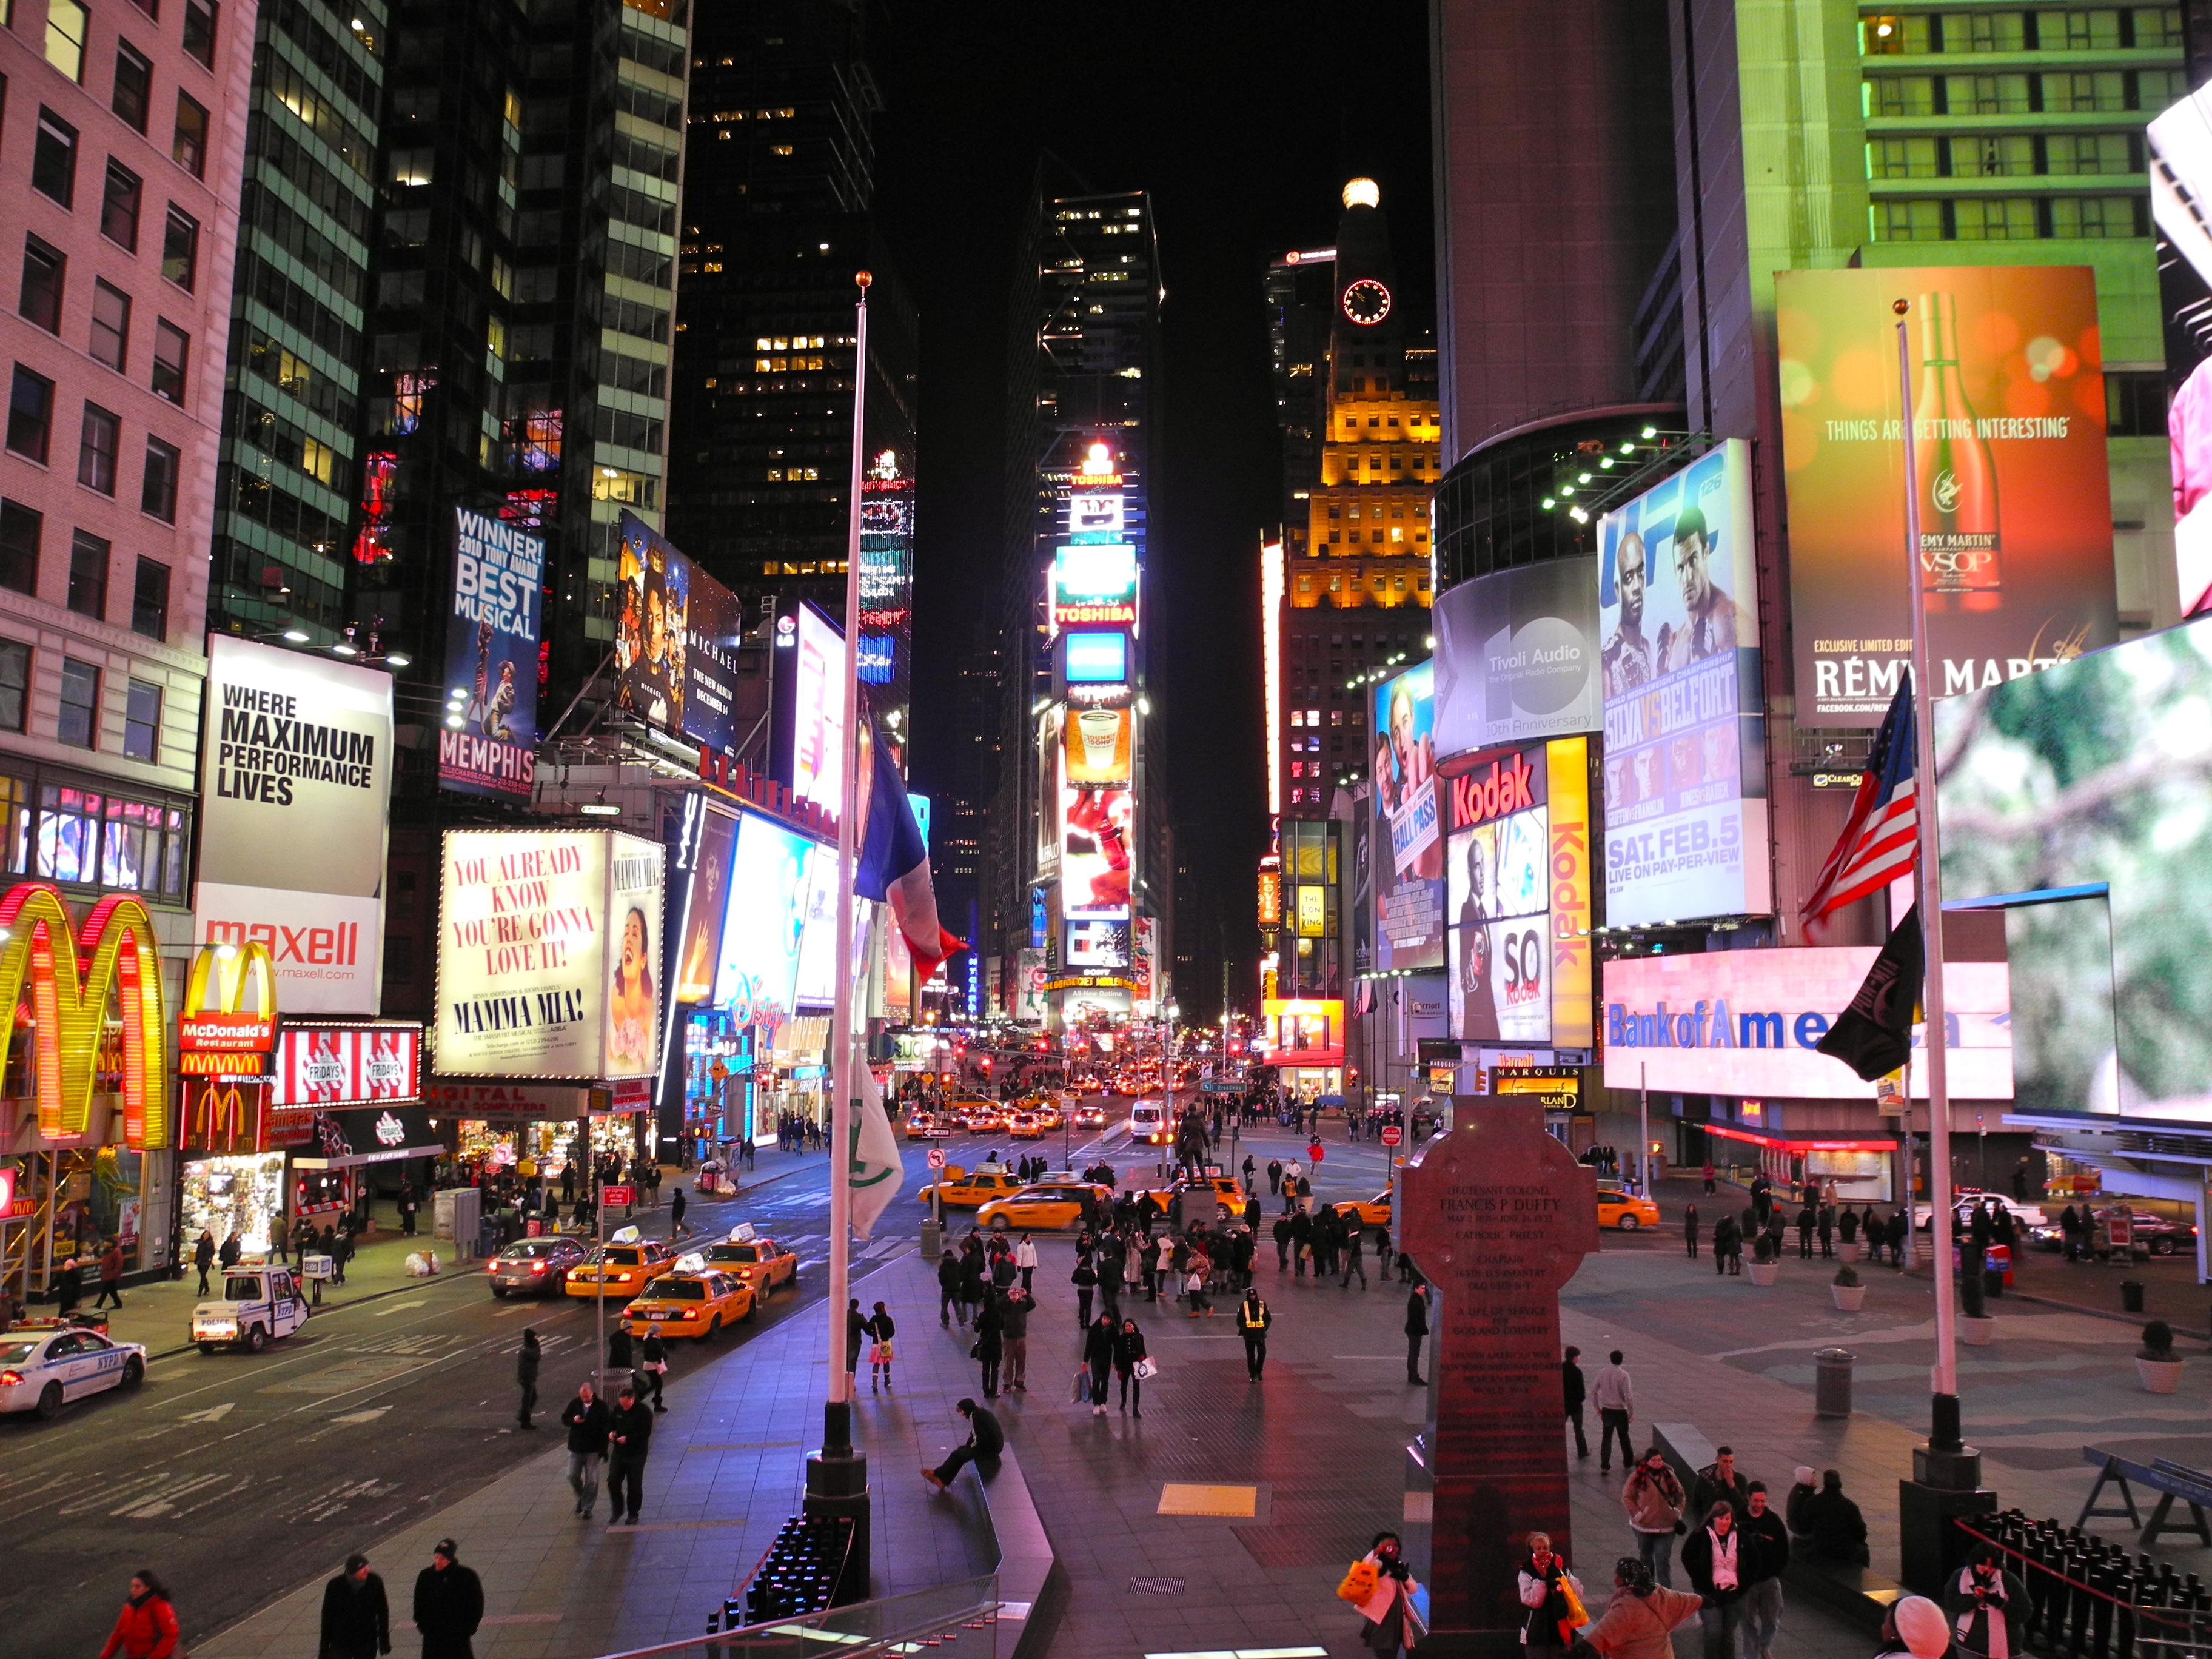 Nova york neve e jazz um pouquinho de cada lugar for B b new york centro